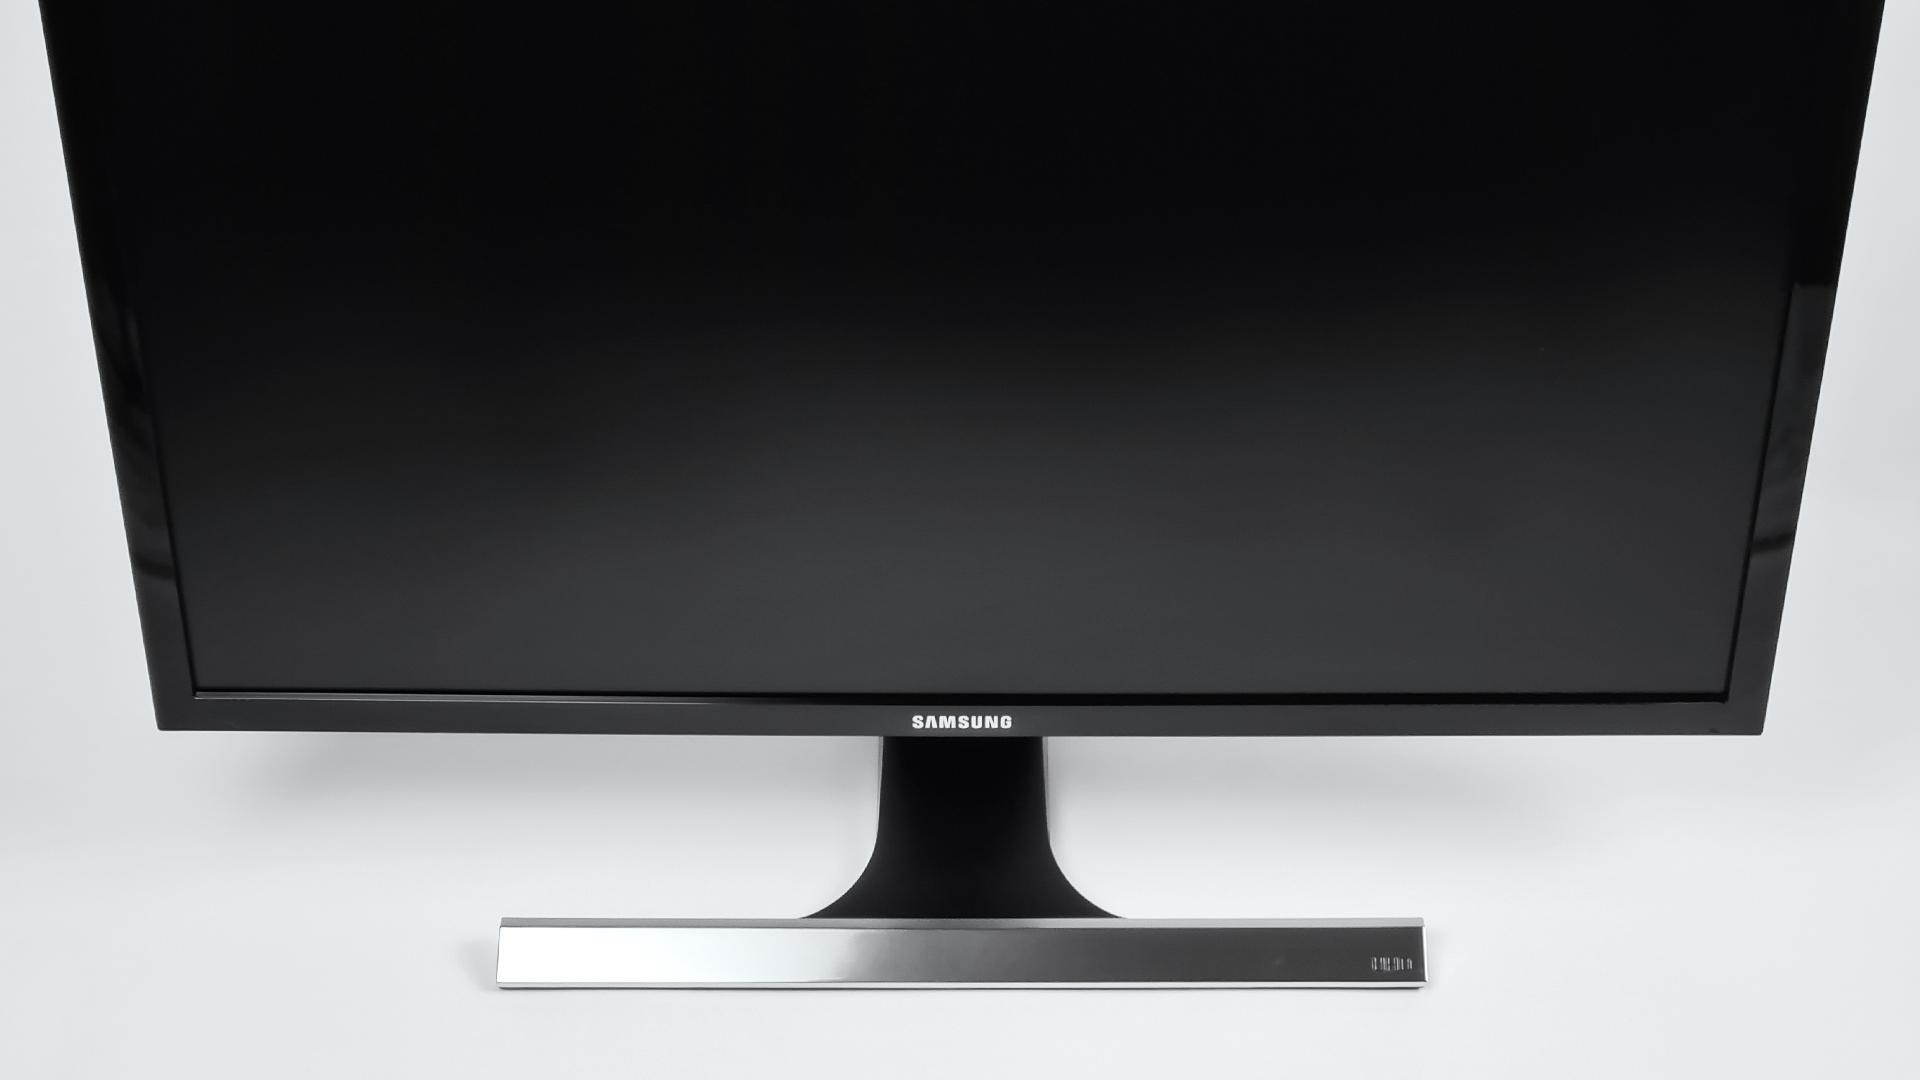 Samsung U28E590D Front Abbildung